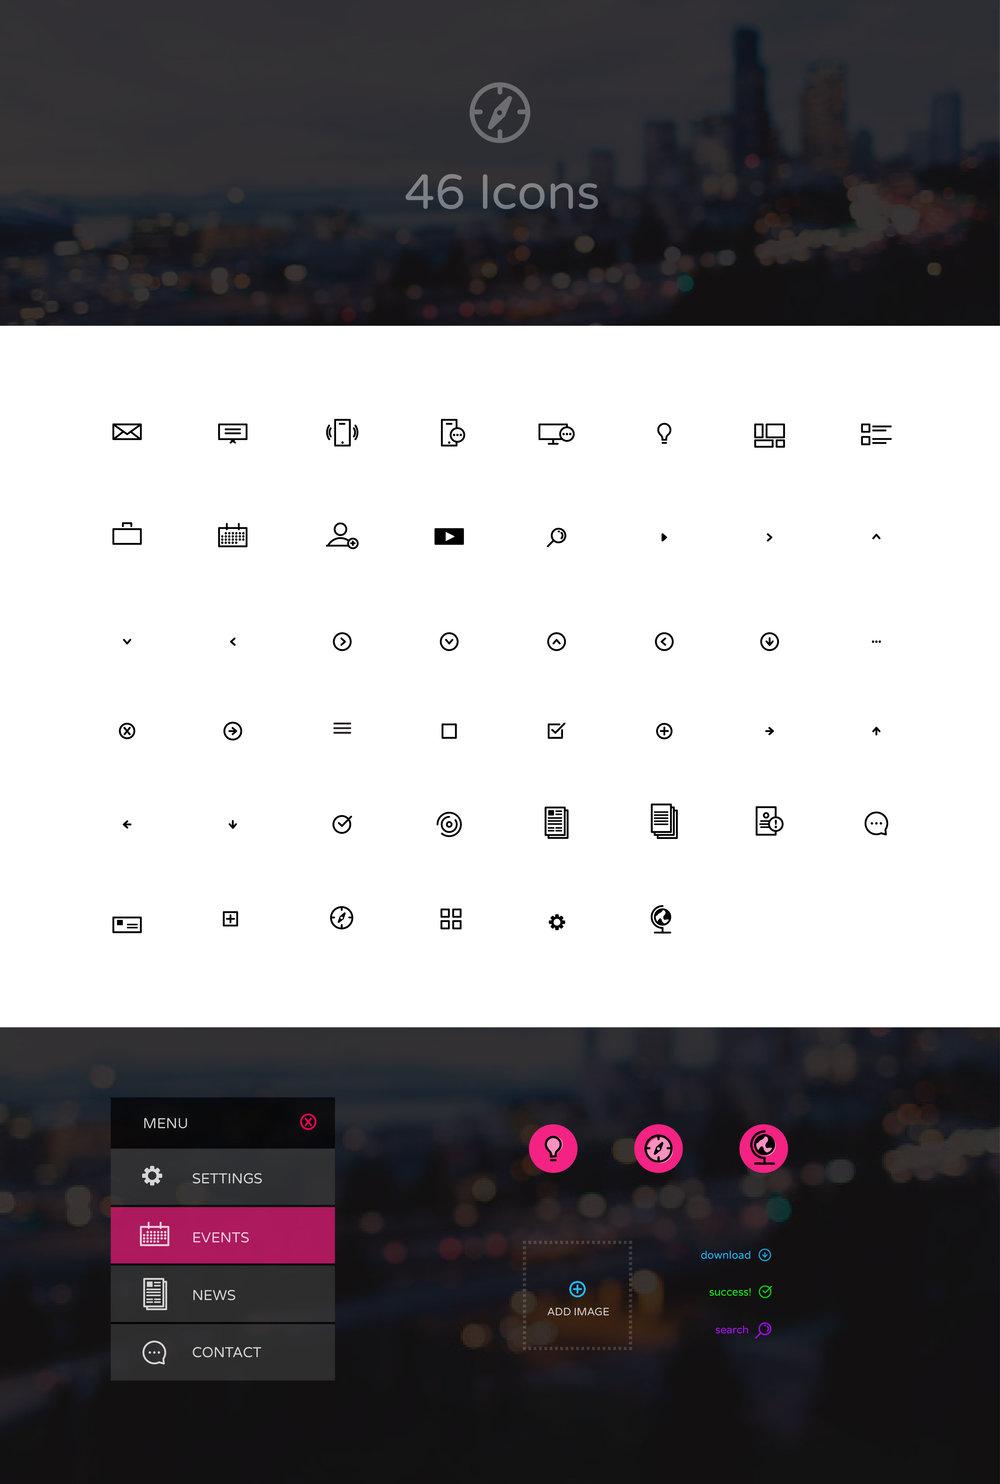 46-icons